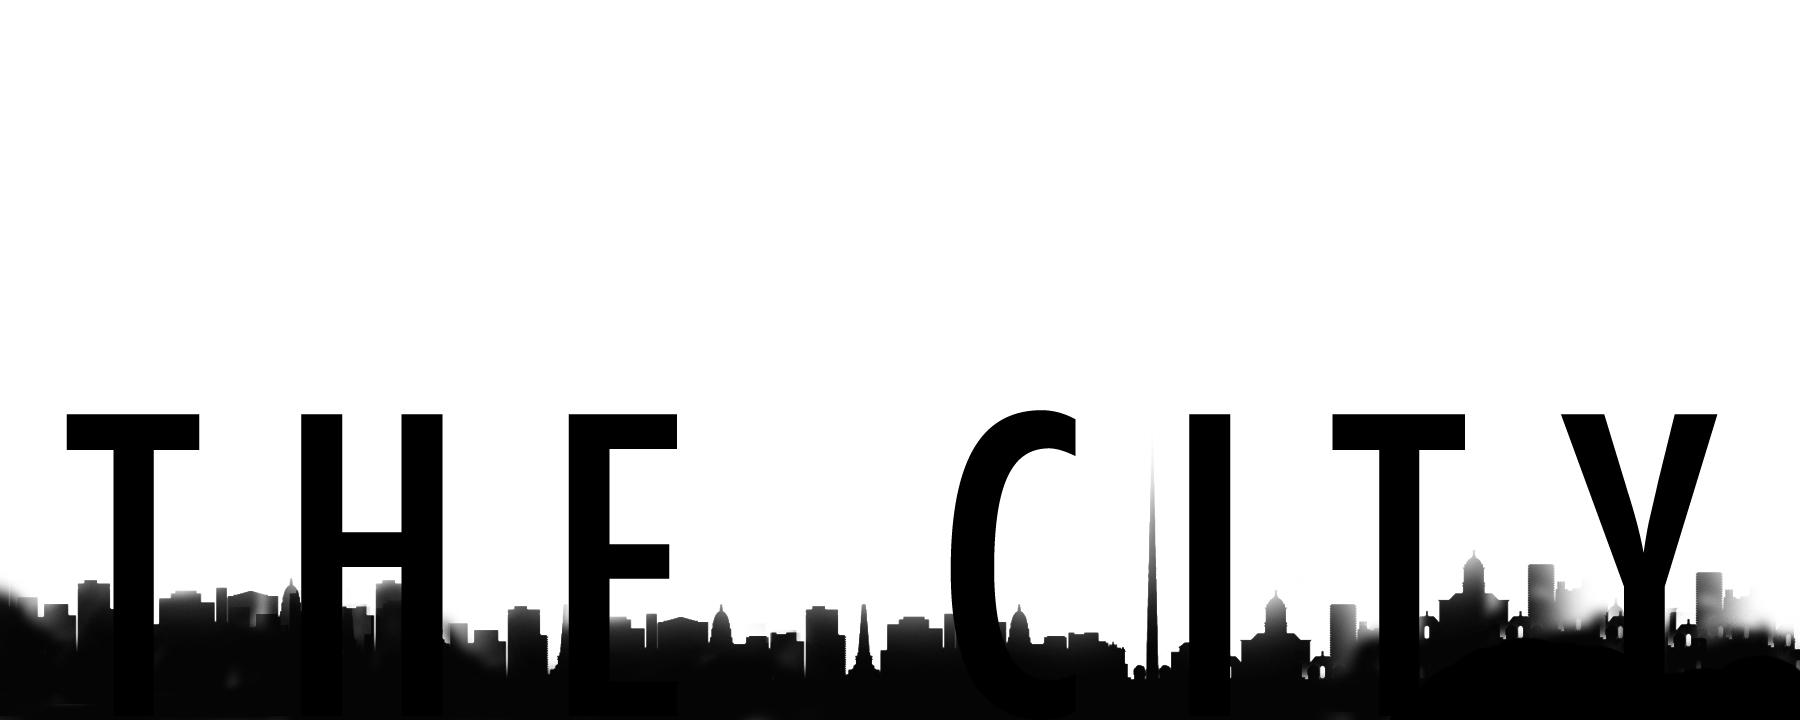 thecity2